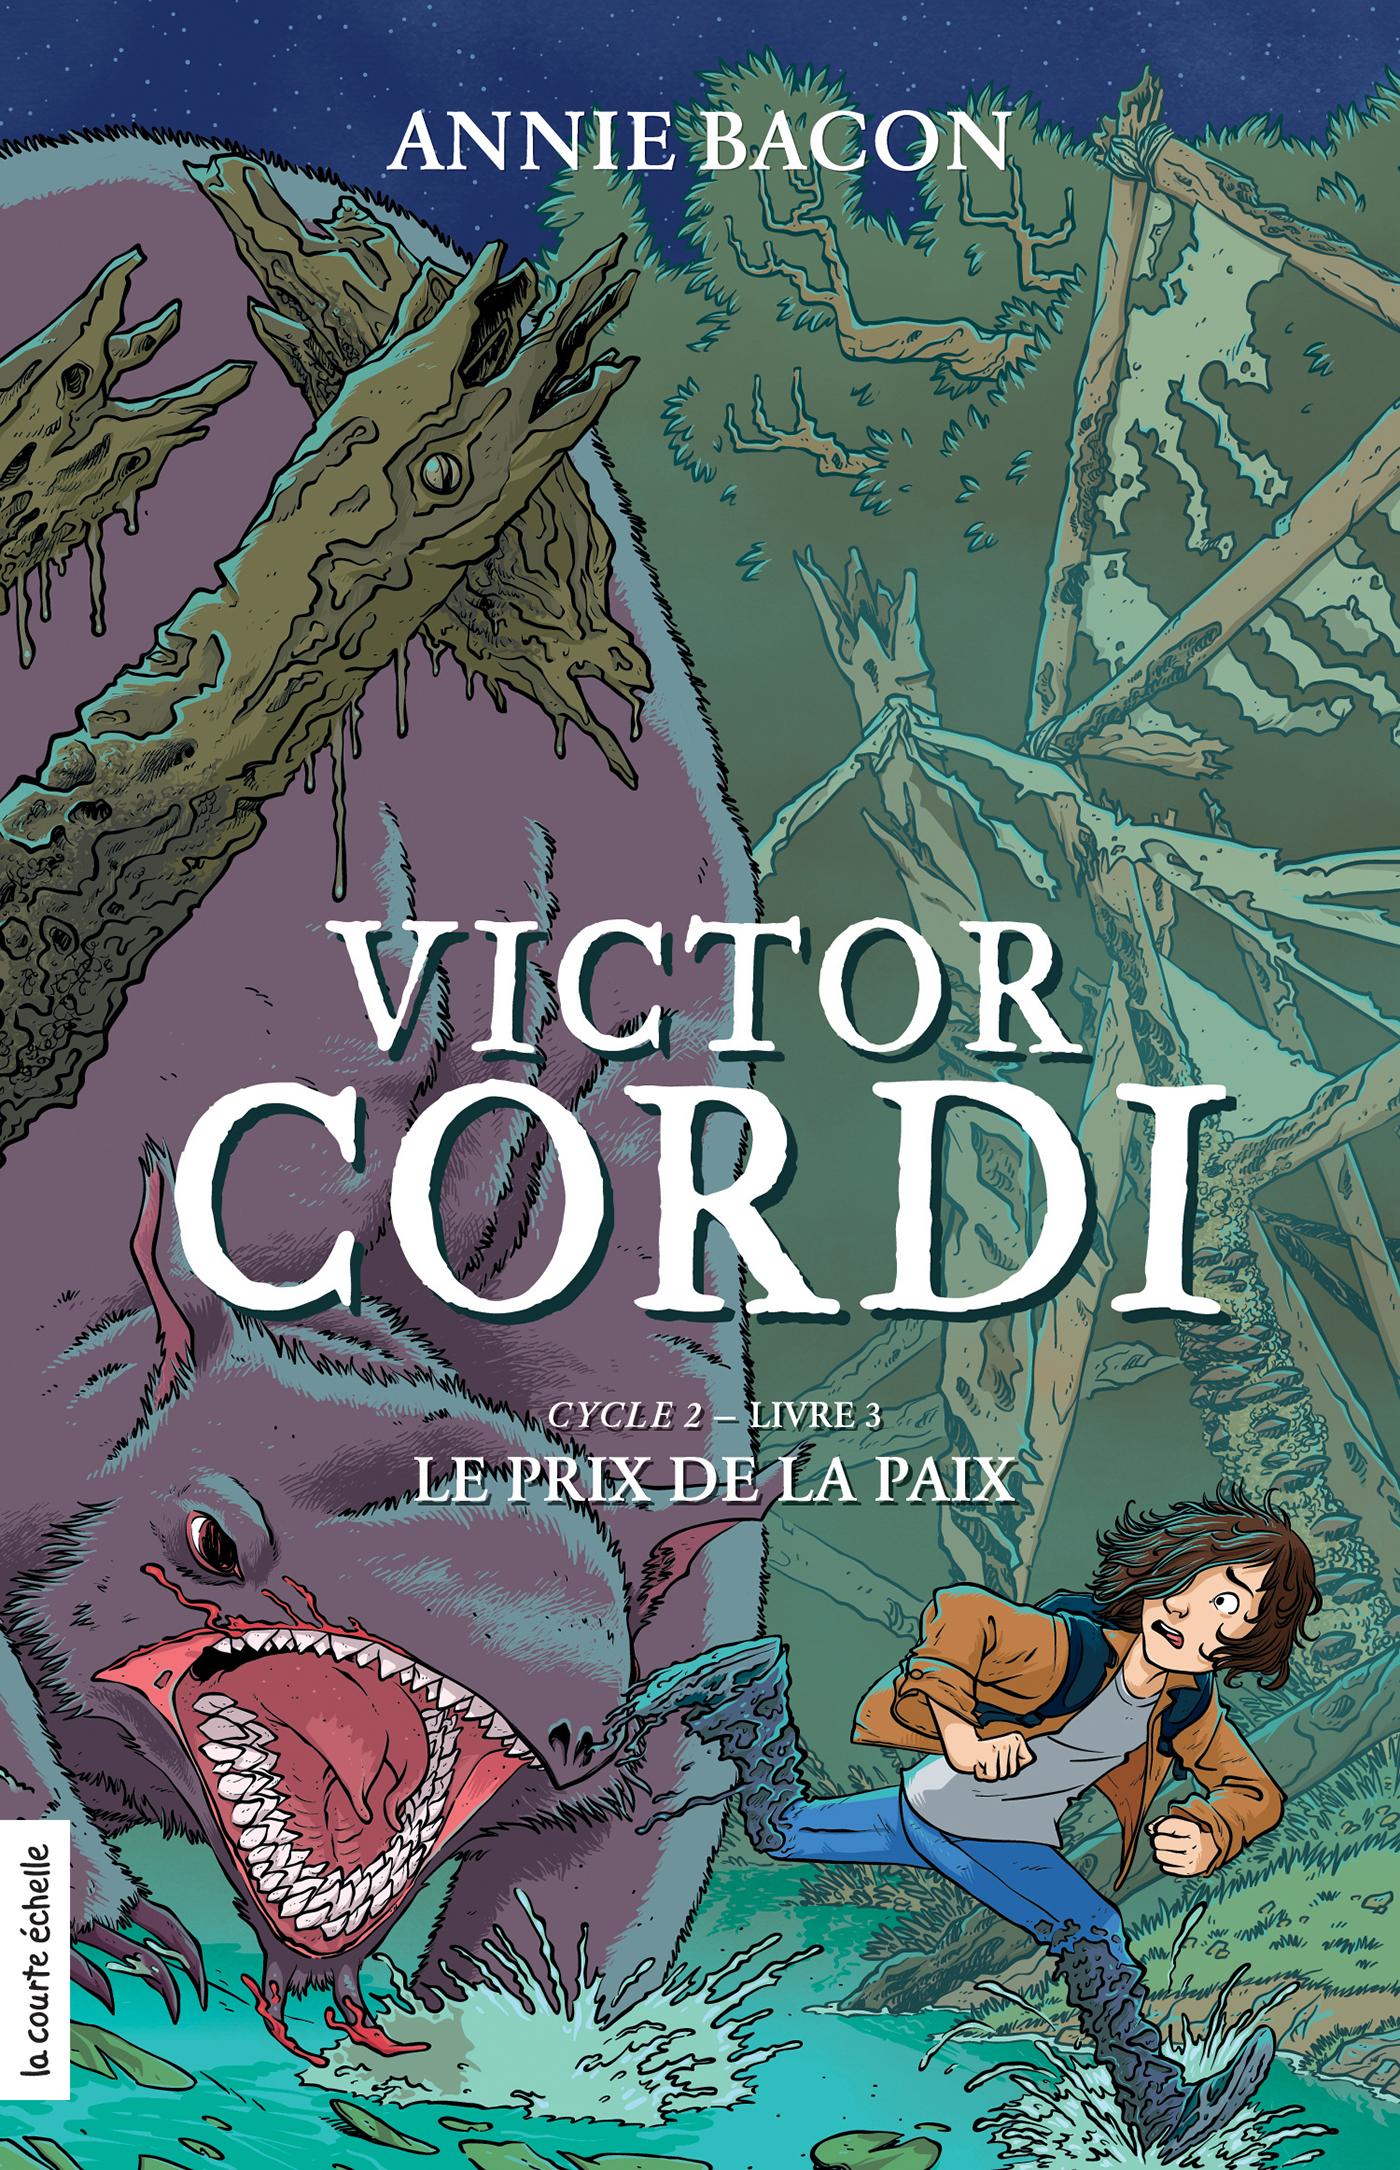 Le prix de la paix, Victor Cordi, cycle 2, livre 3